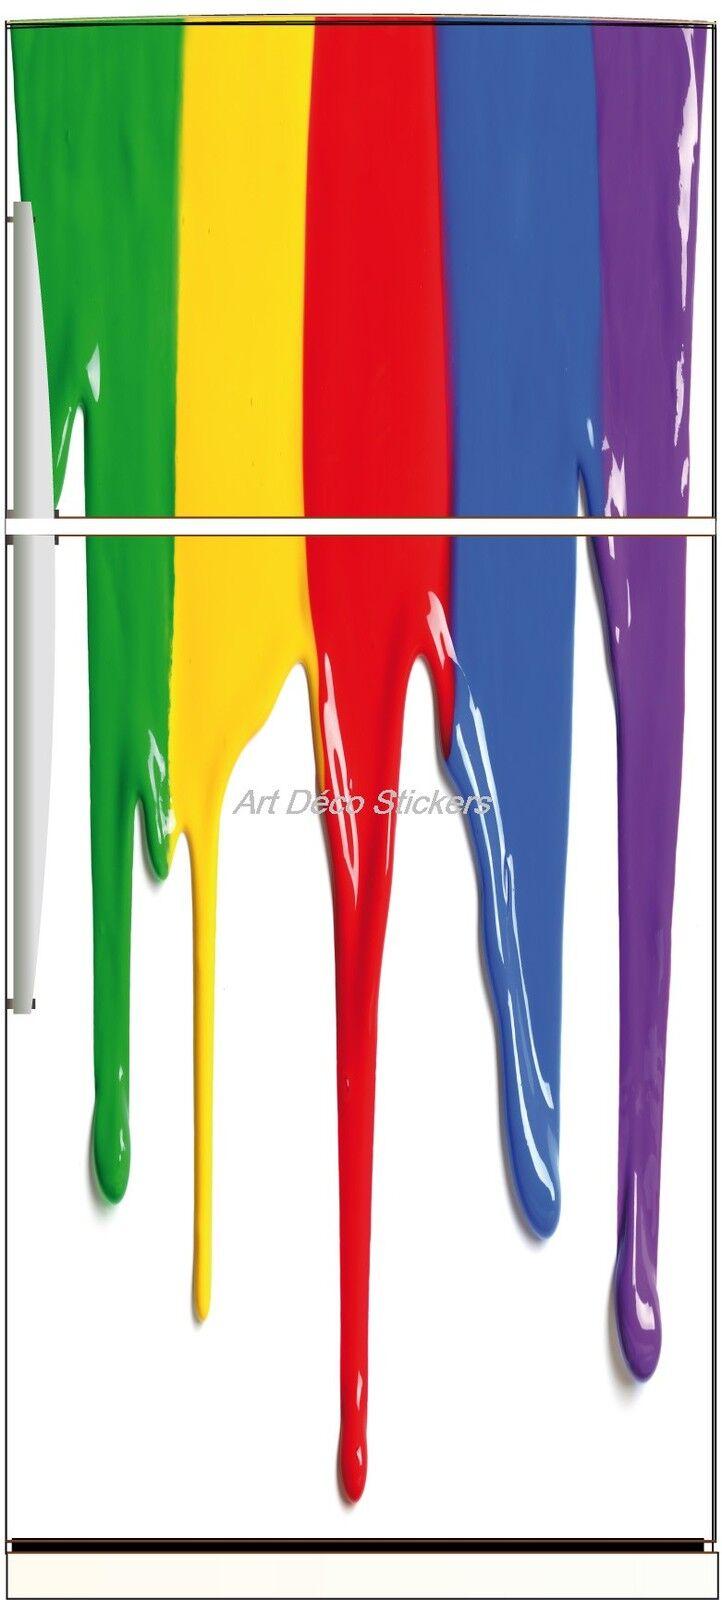 Adesivo Adesivo Adesivo frigo elettrodomestici decocrazione cucina Pittura 70x170cm ref 577 afbfec